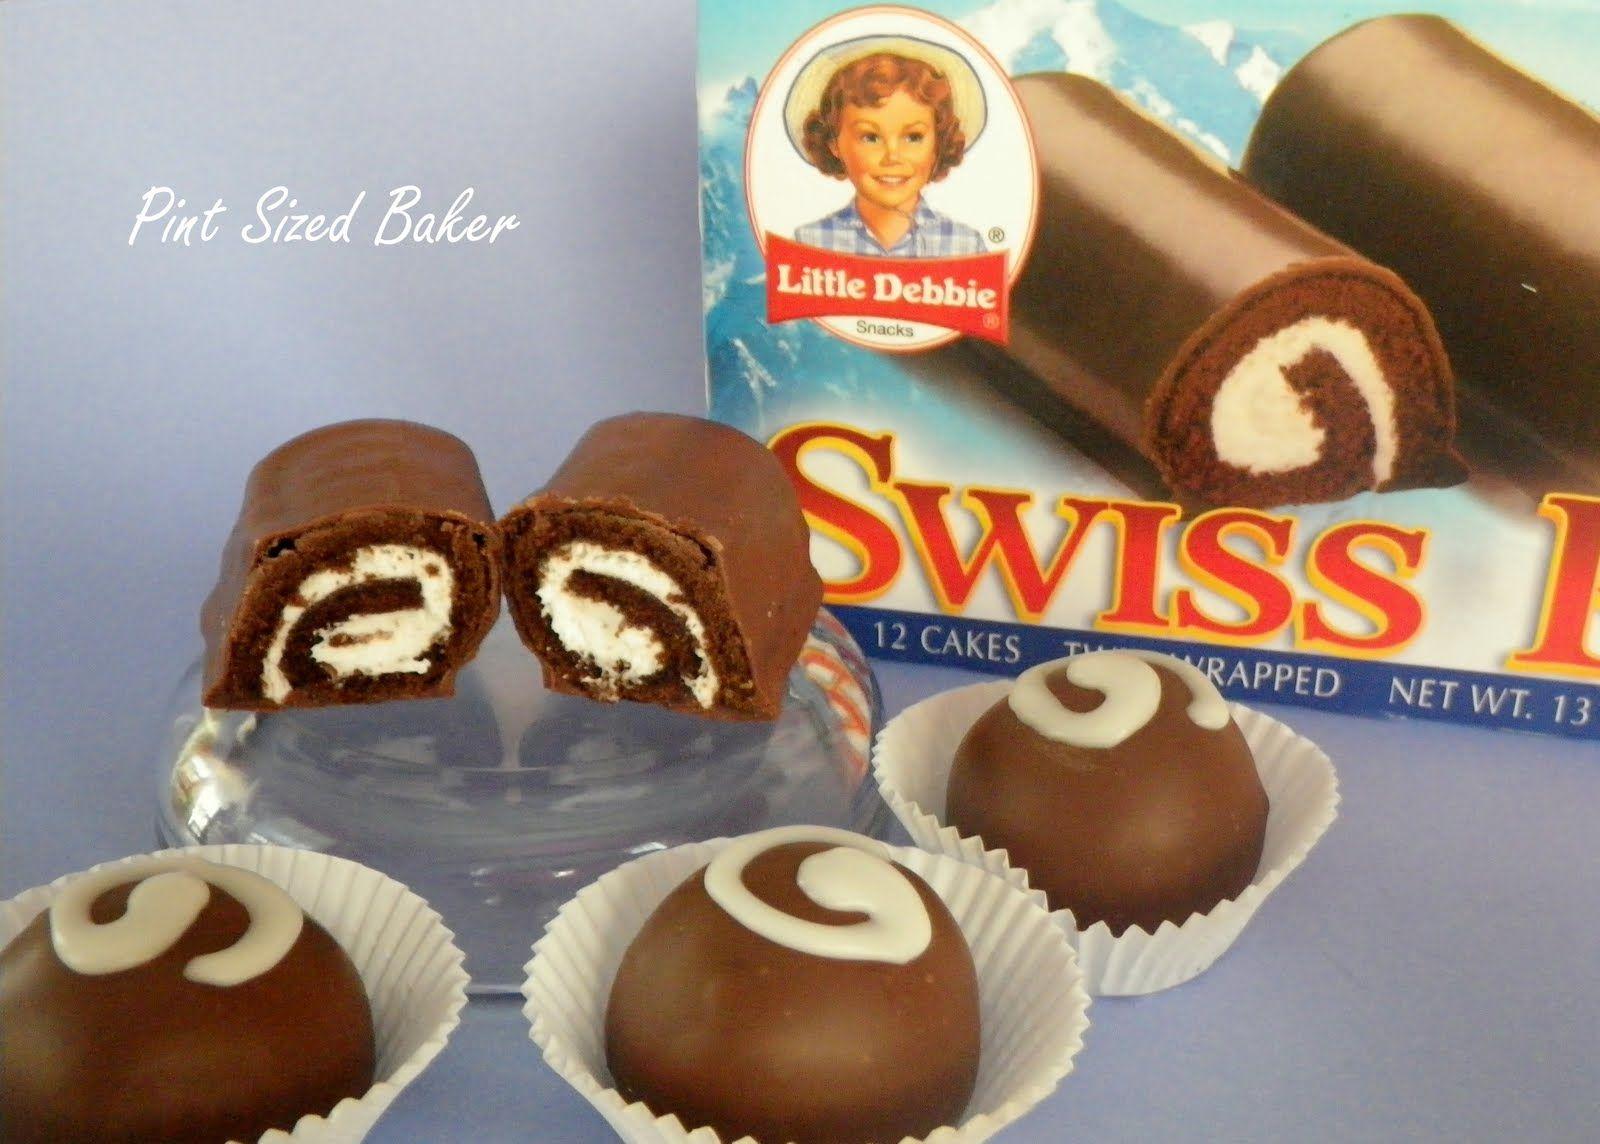 Little Debbie Swiss Rolls Cake Pops Truffles